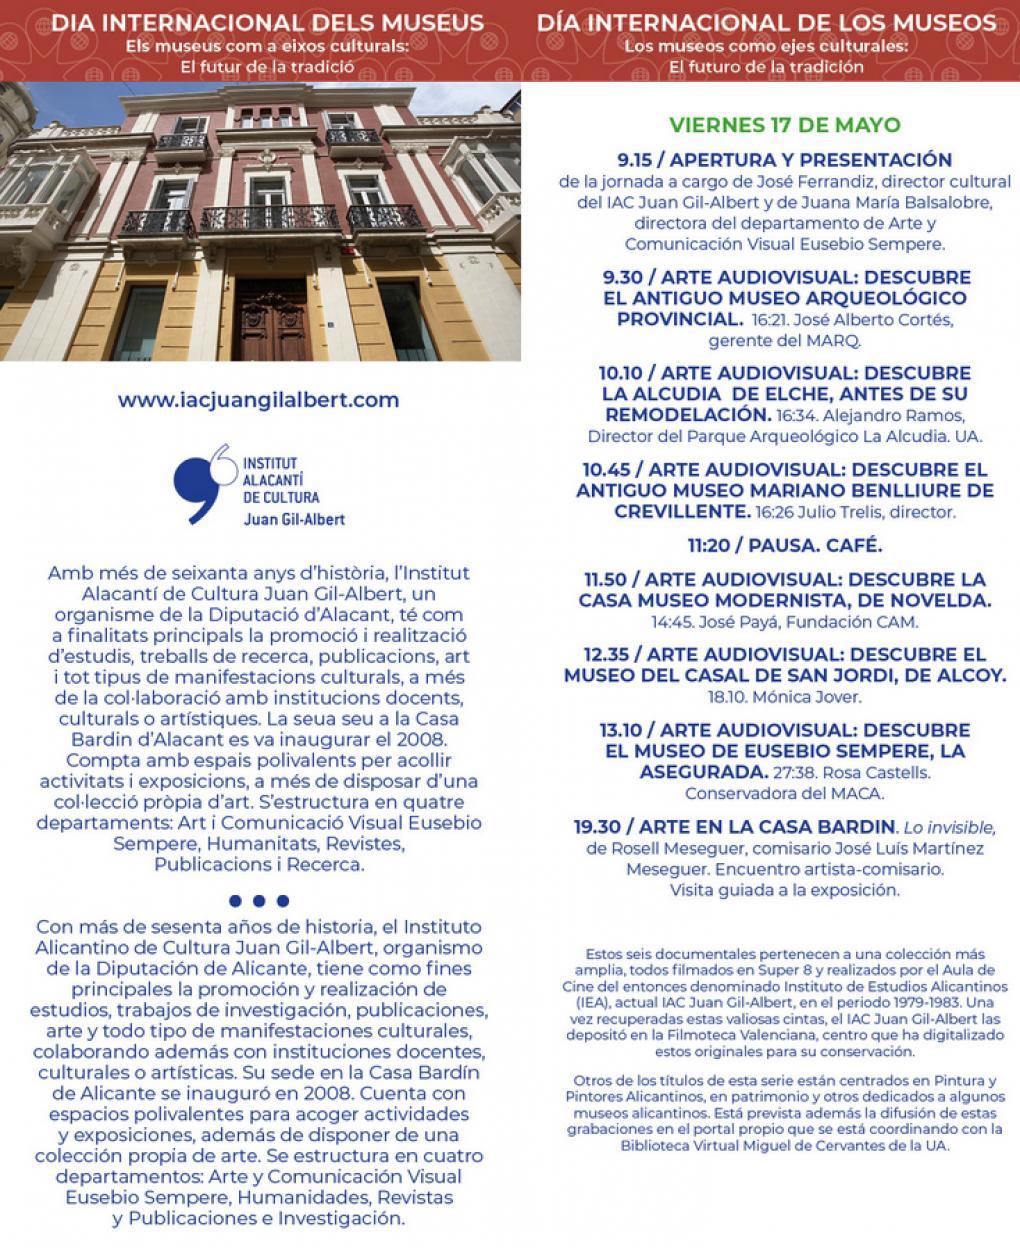 El director del Museo Mariano Benlliure participará en una jornada sobre los museos provinciales más importantes de los años 70, organizada por el Instituto Alicantino de Cultura Juan Gil-Albert